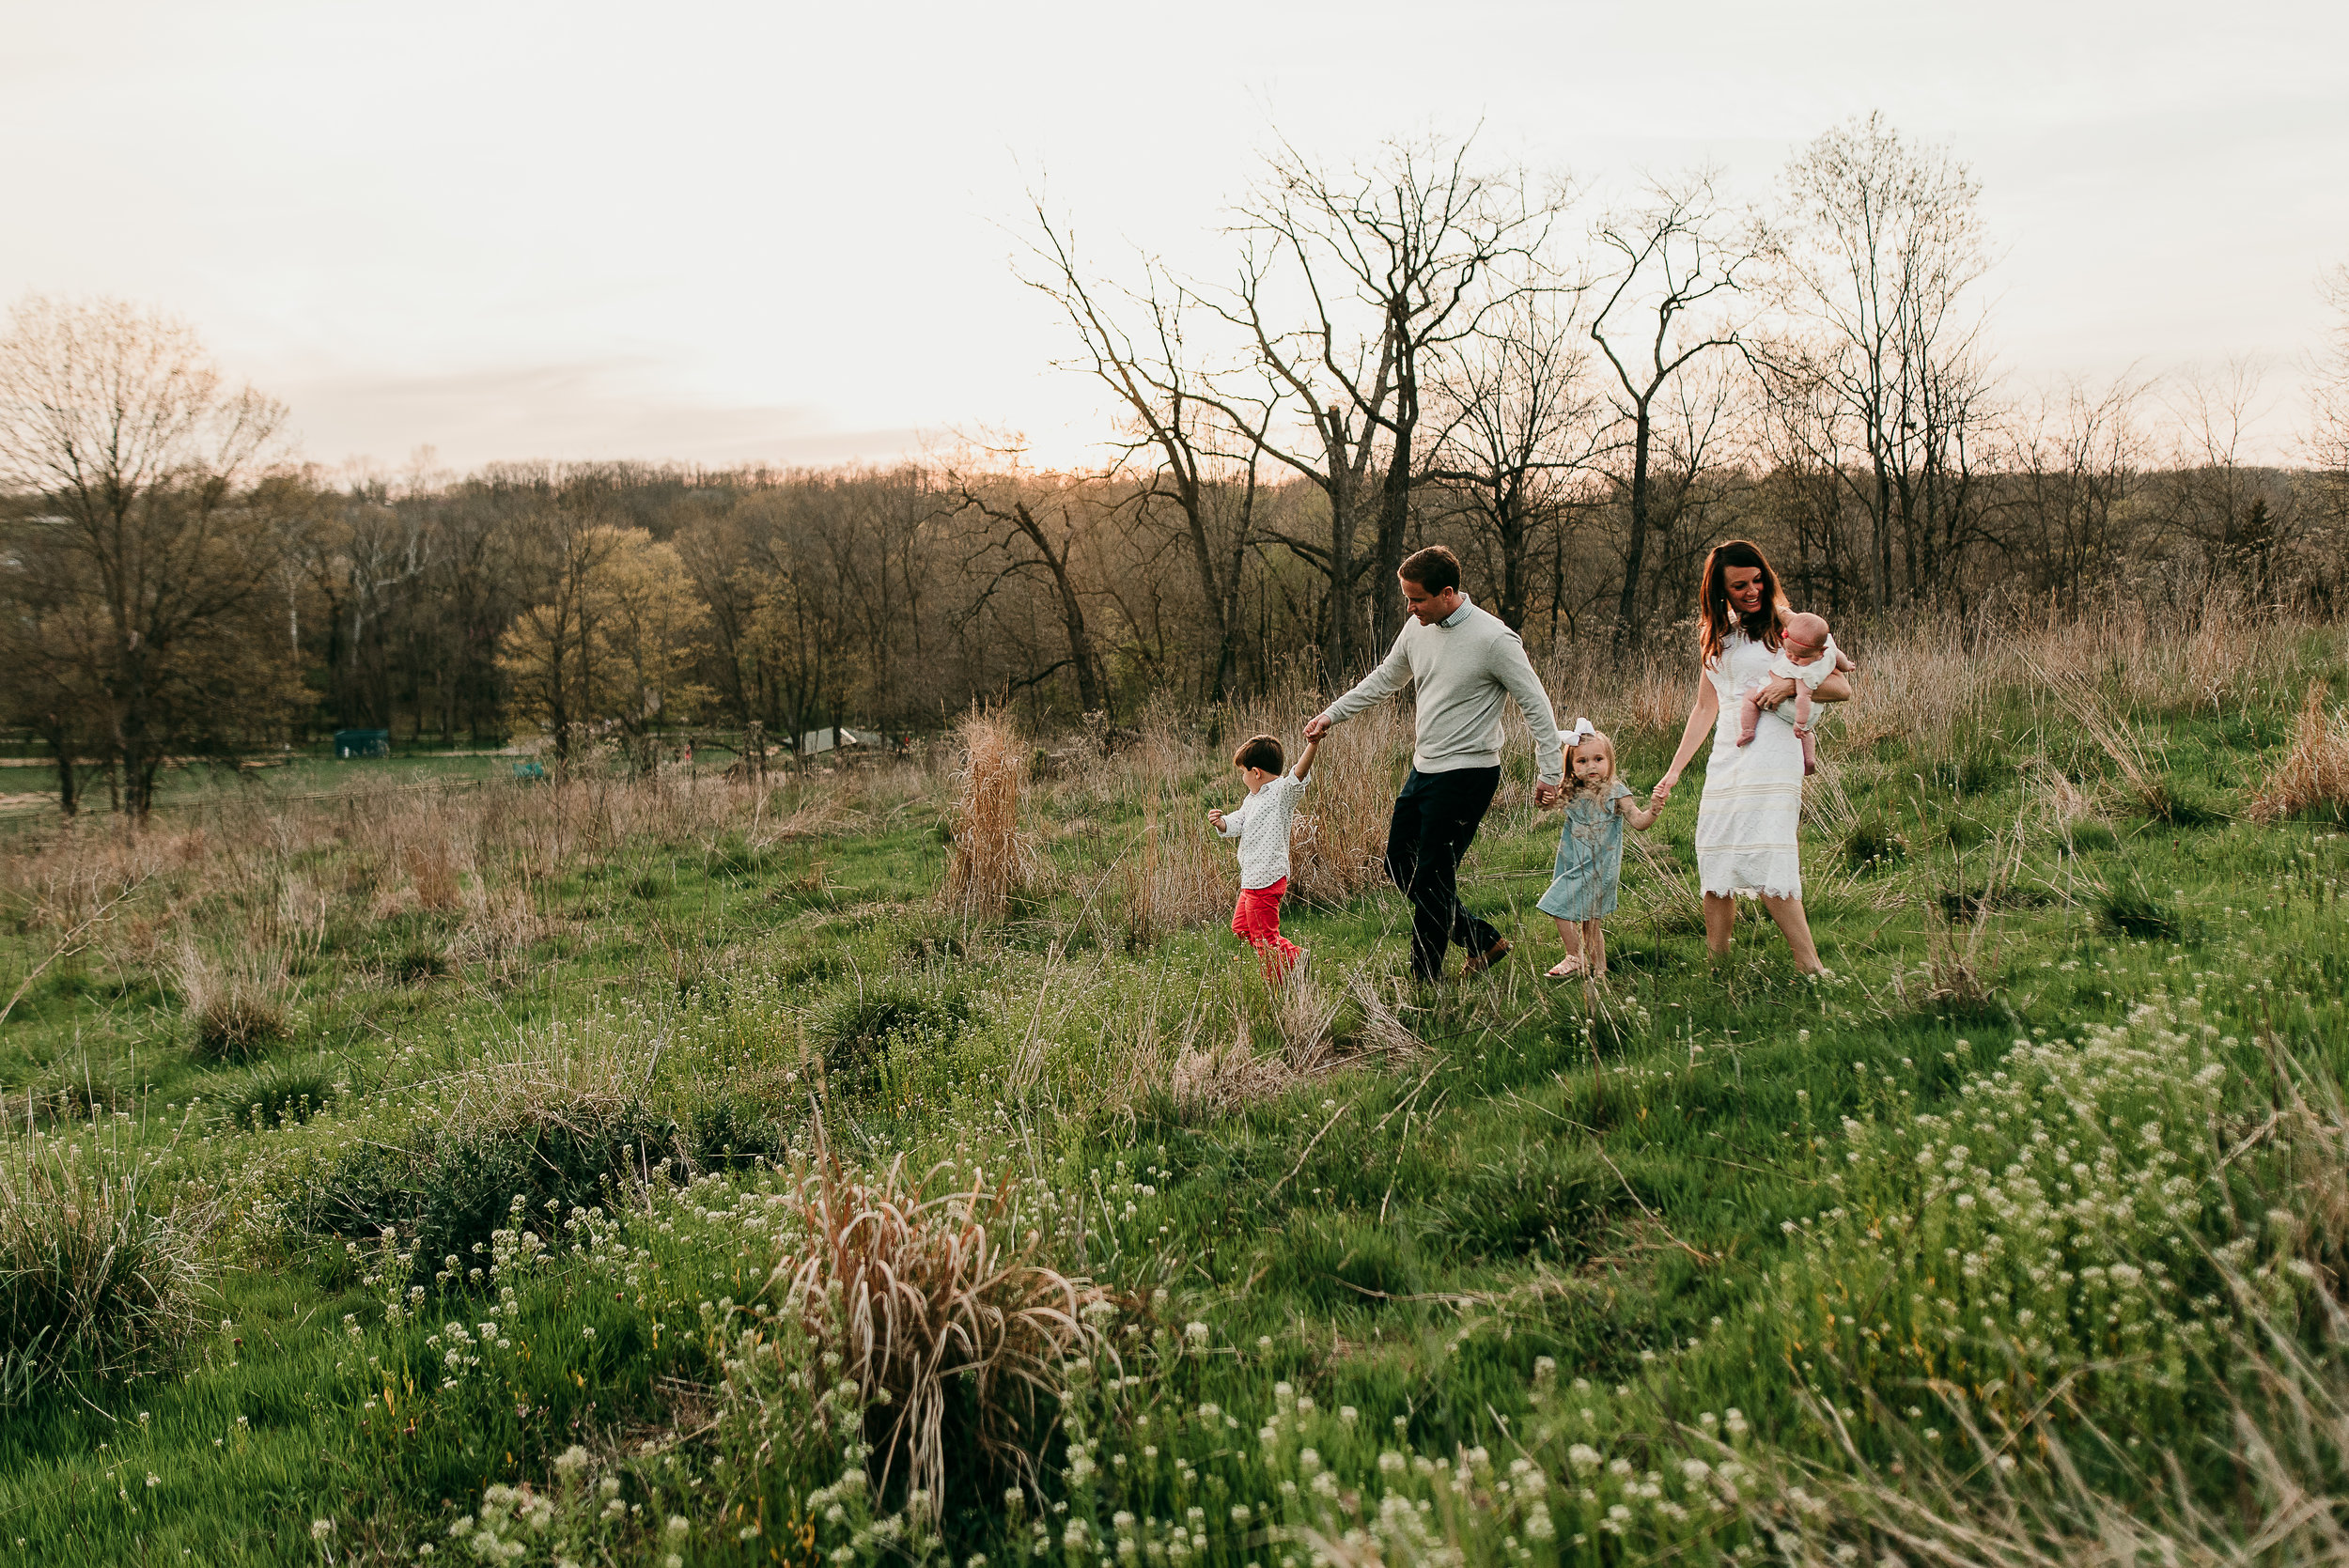 family walking in field